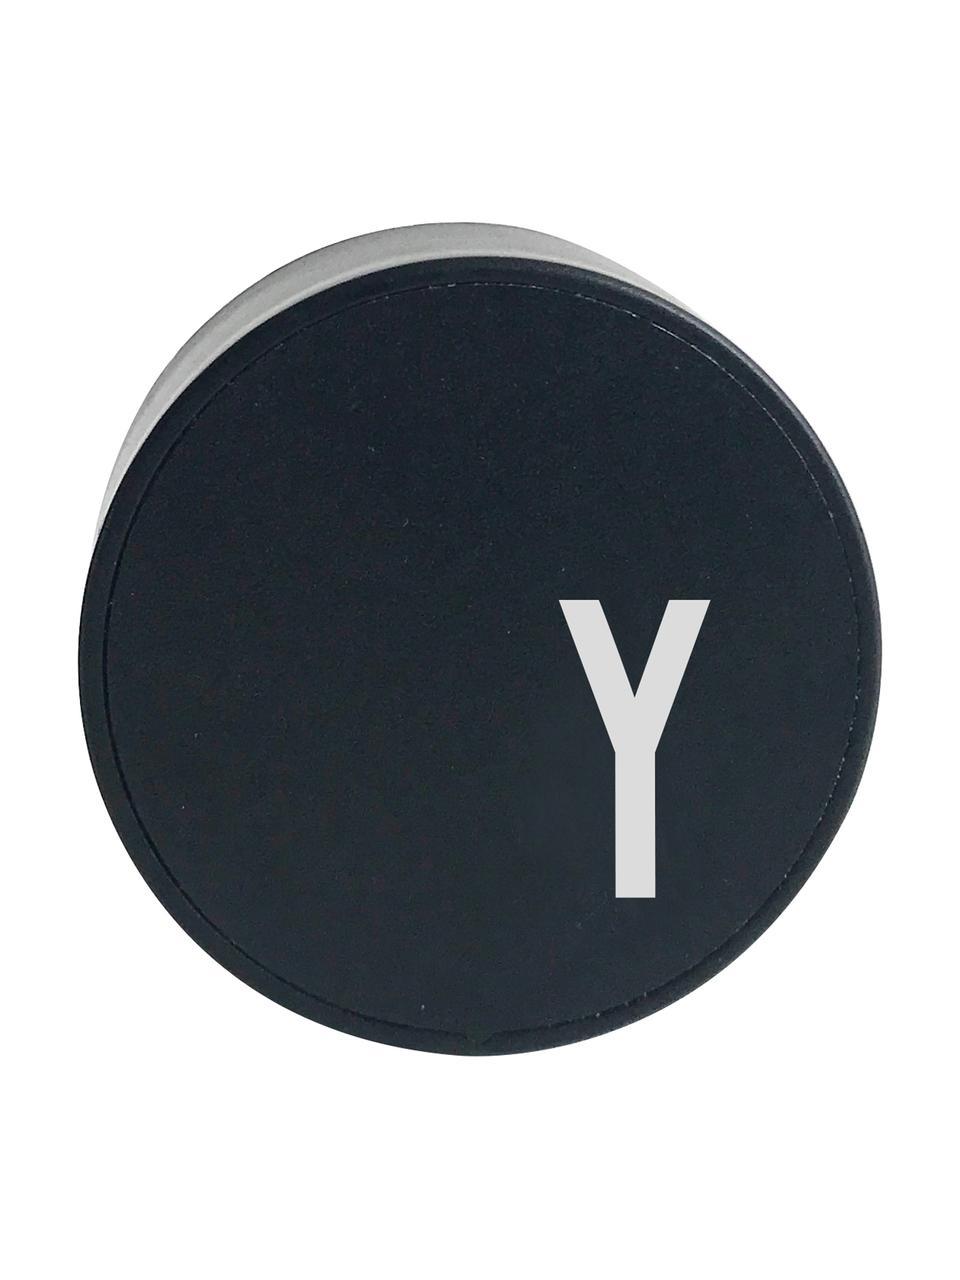 Ładowarka MyCharger (w wariancie od A do Z), Tworzywo sztuczne, Czarny, Ładowarka Y